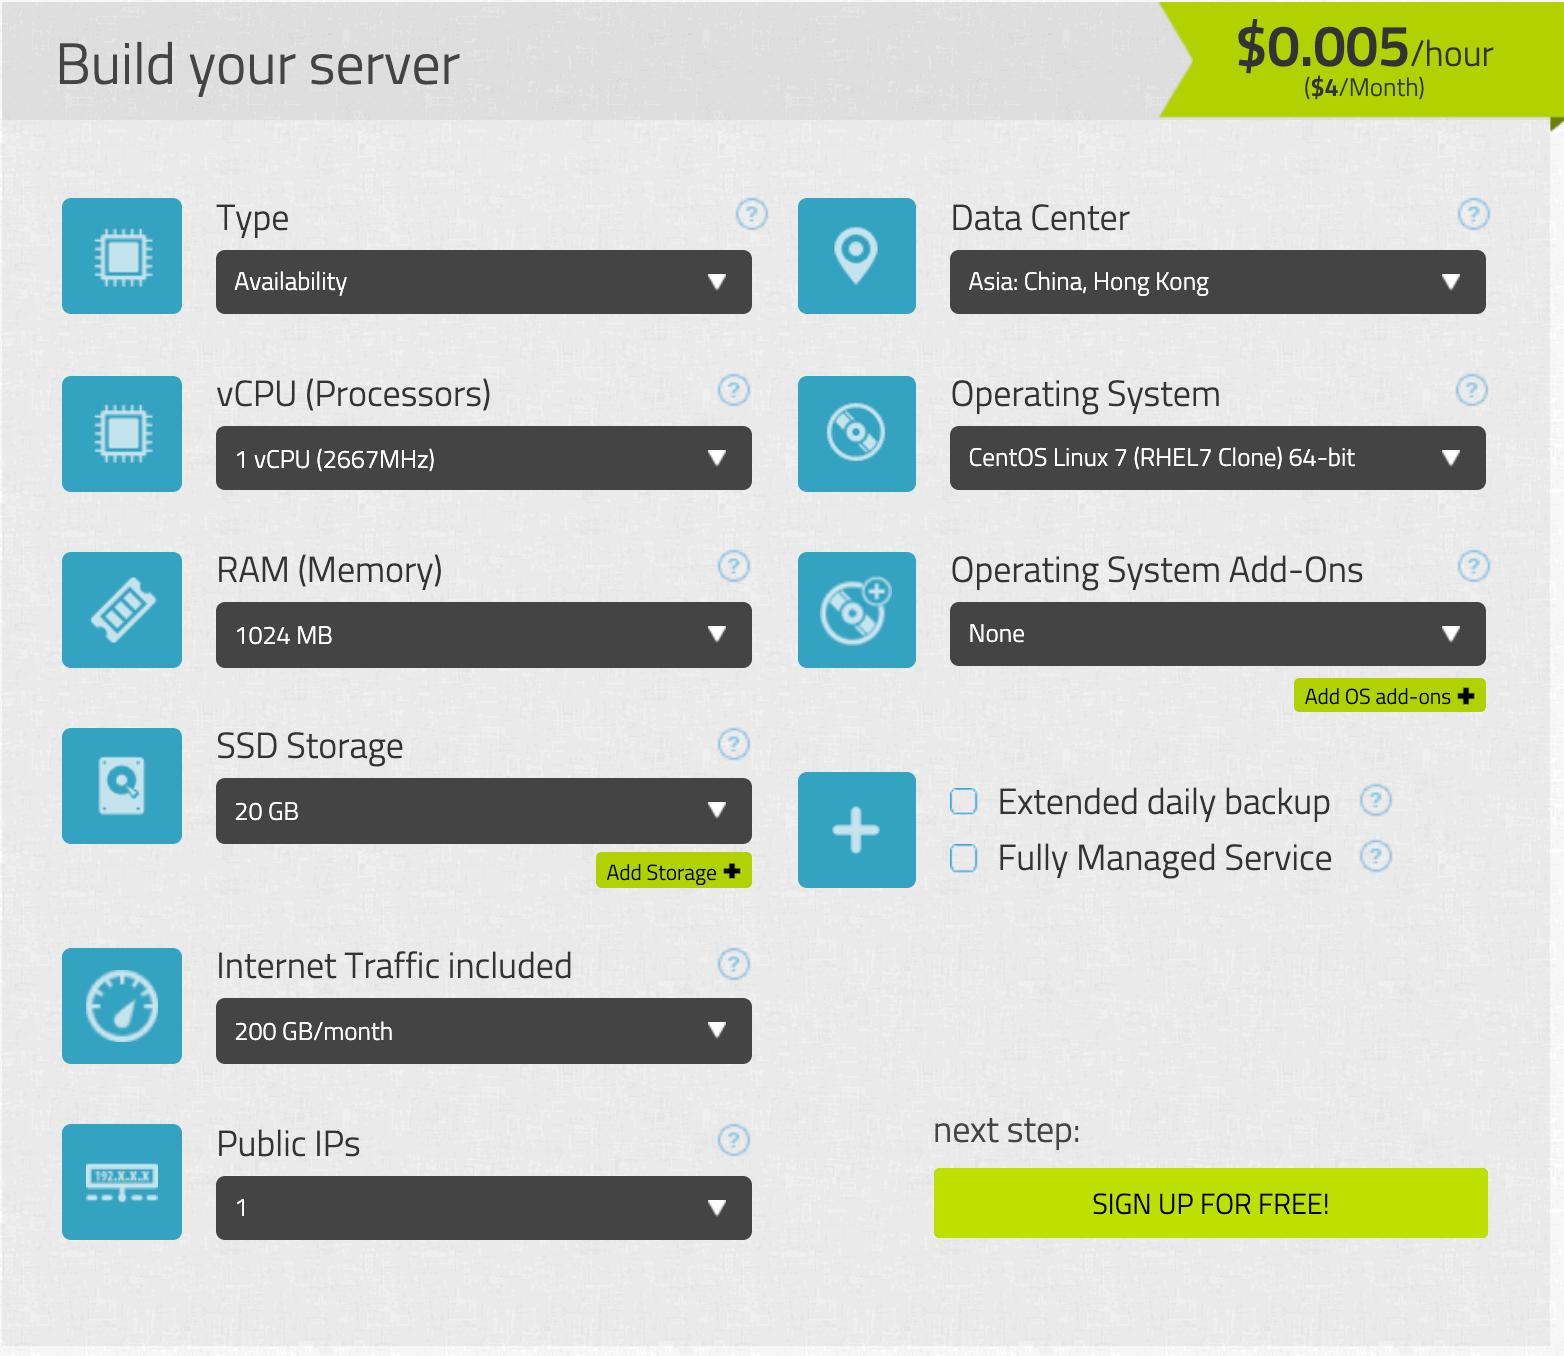 Kamatera - Build your server